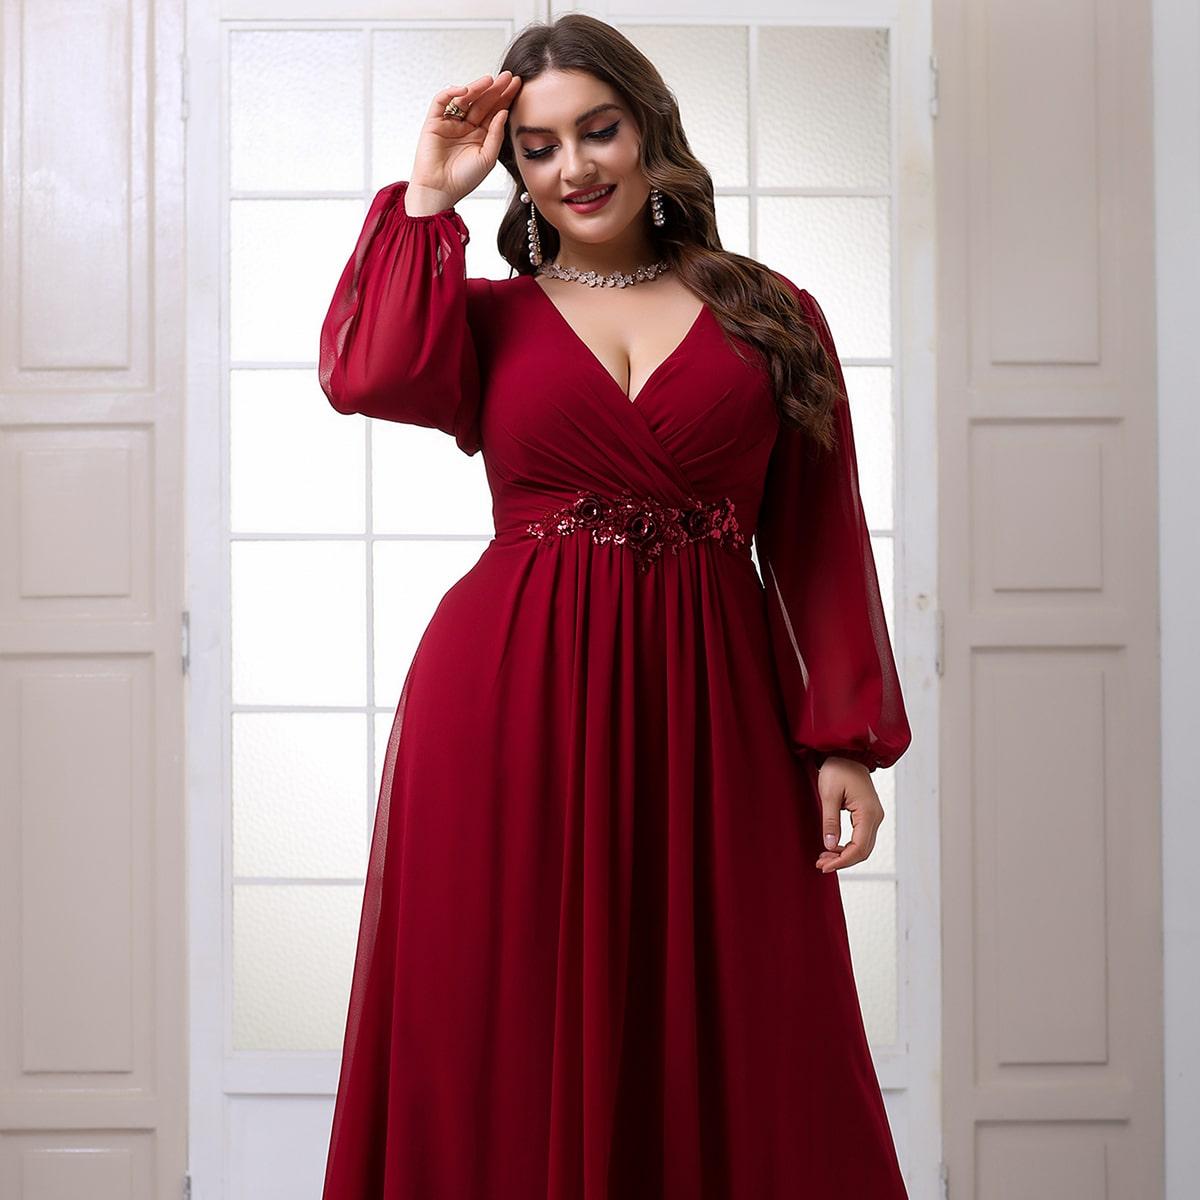 Шифоновое платье макси для выпускного вечера с глубоким воротником и блестками размера плюс от SHEIN